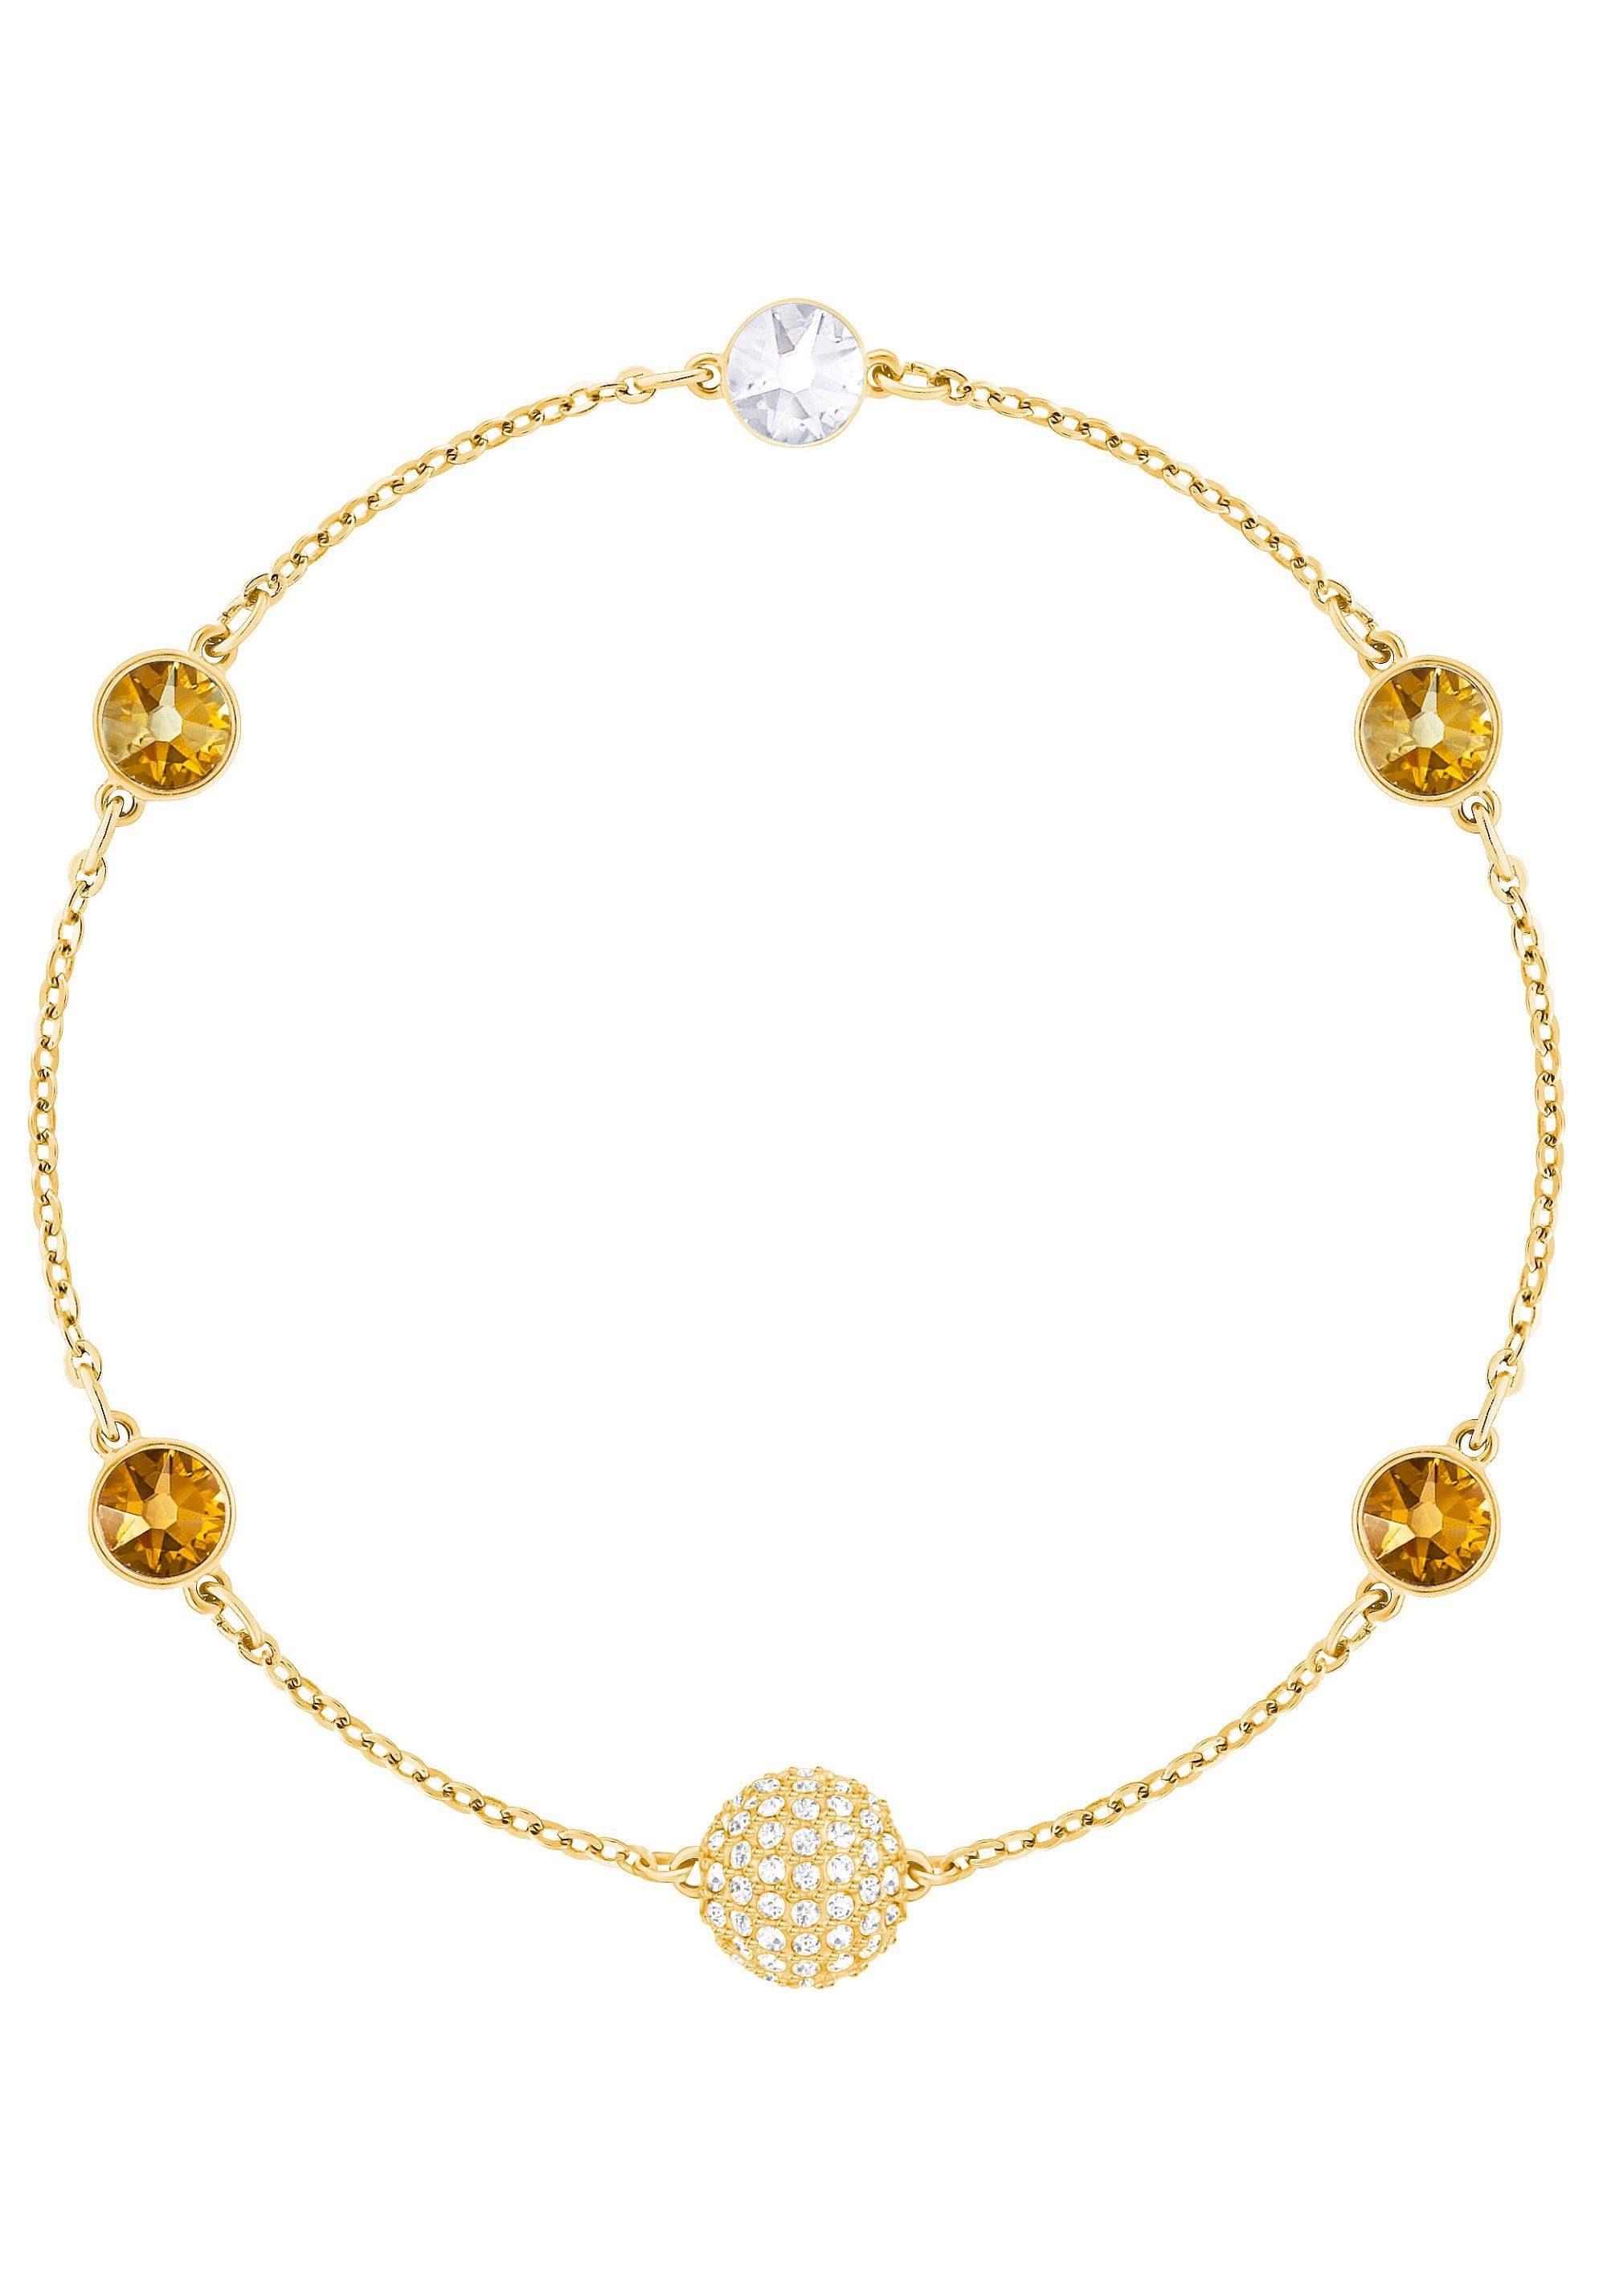 Swarovski Armband »Swarovski Remix Collection Golden, mehrfarbig, vergoldet, 5403221«, mit Swarovski® Kristallen